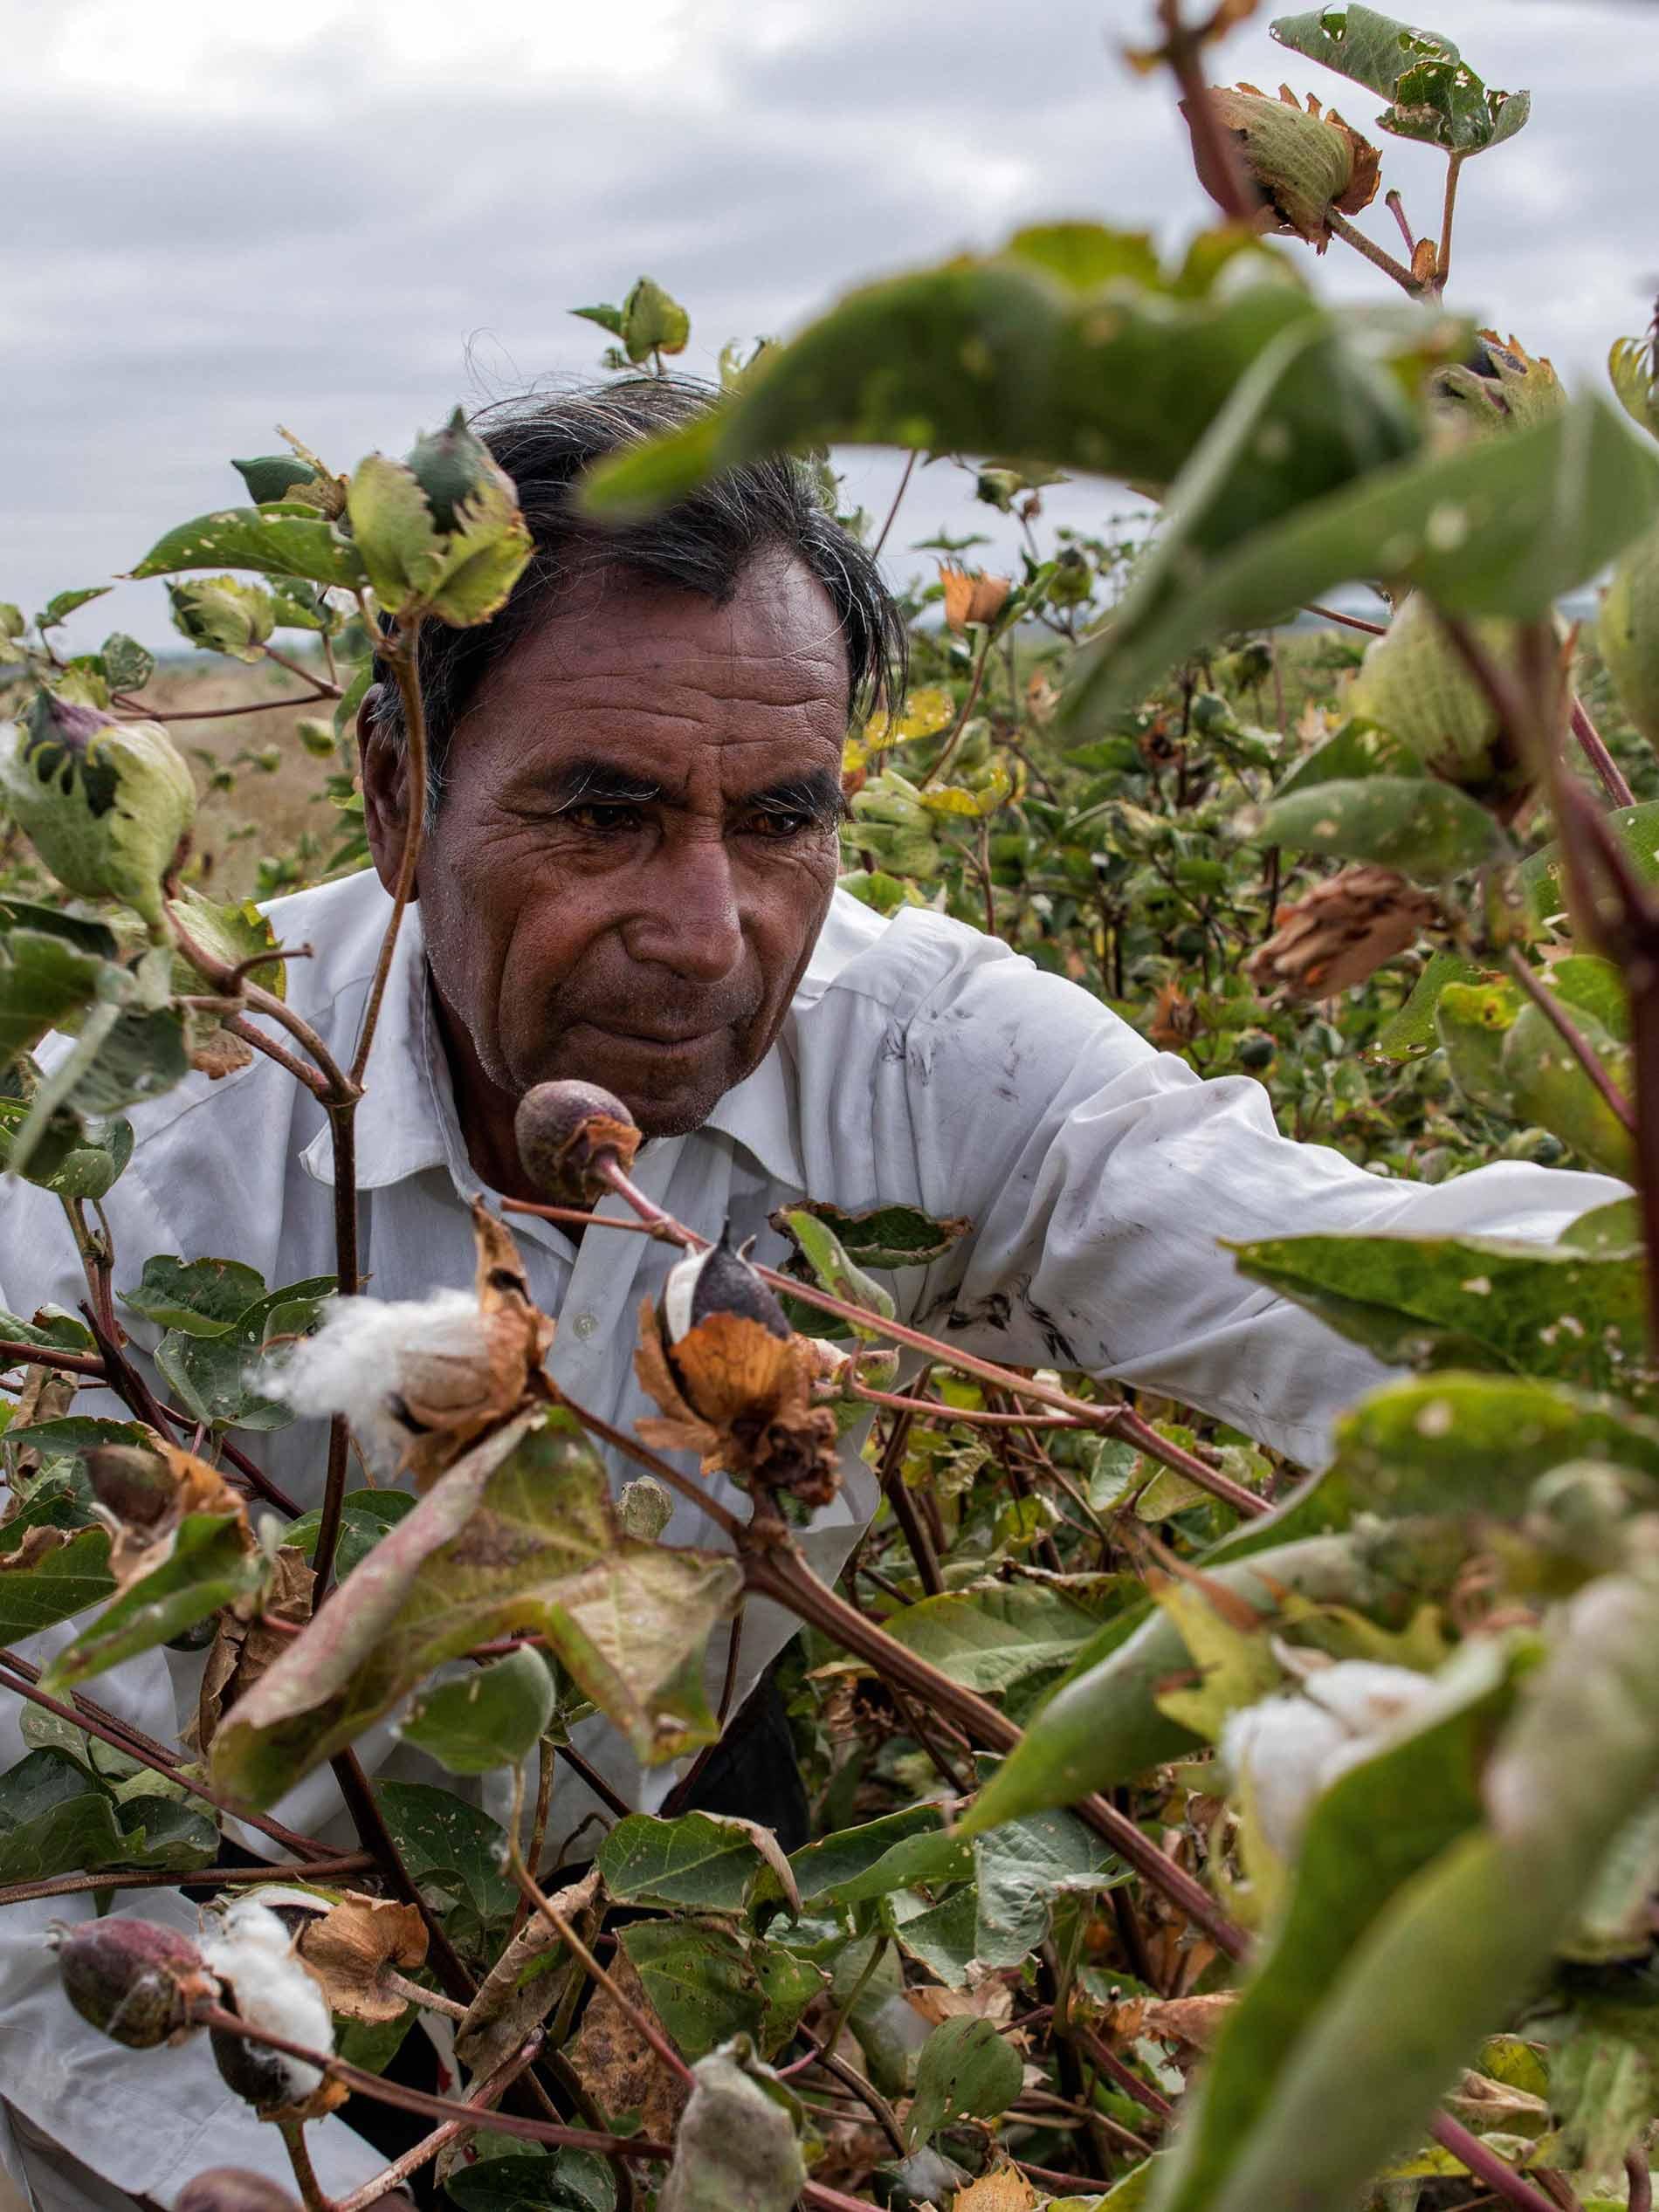 Baumwollpflücker in Peru erntet die reifen Baumwollblüten   mey®